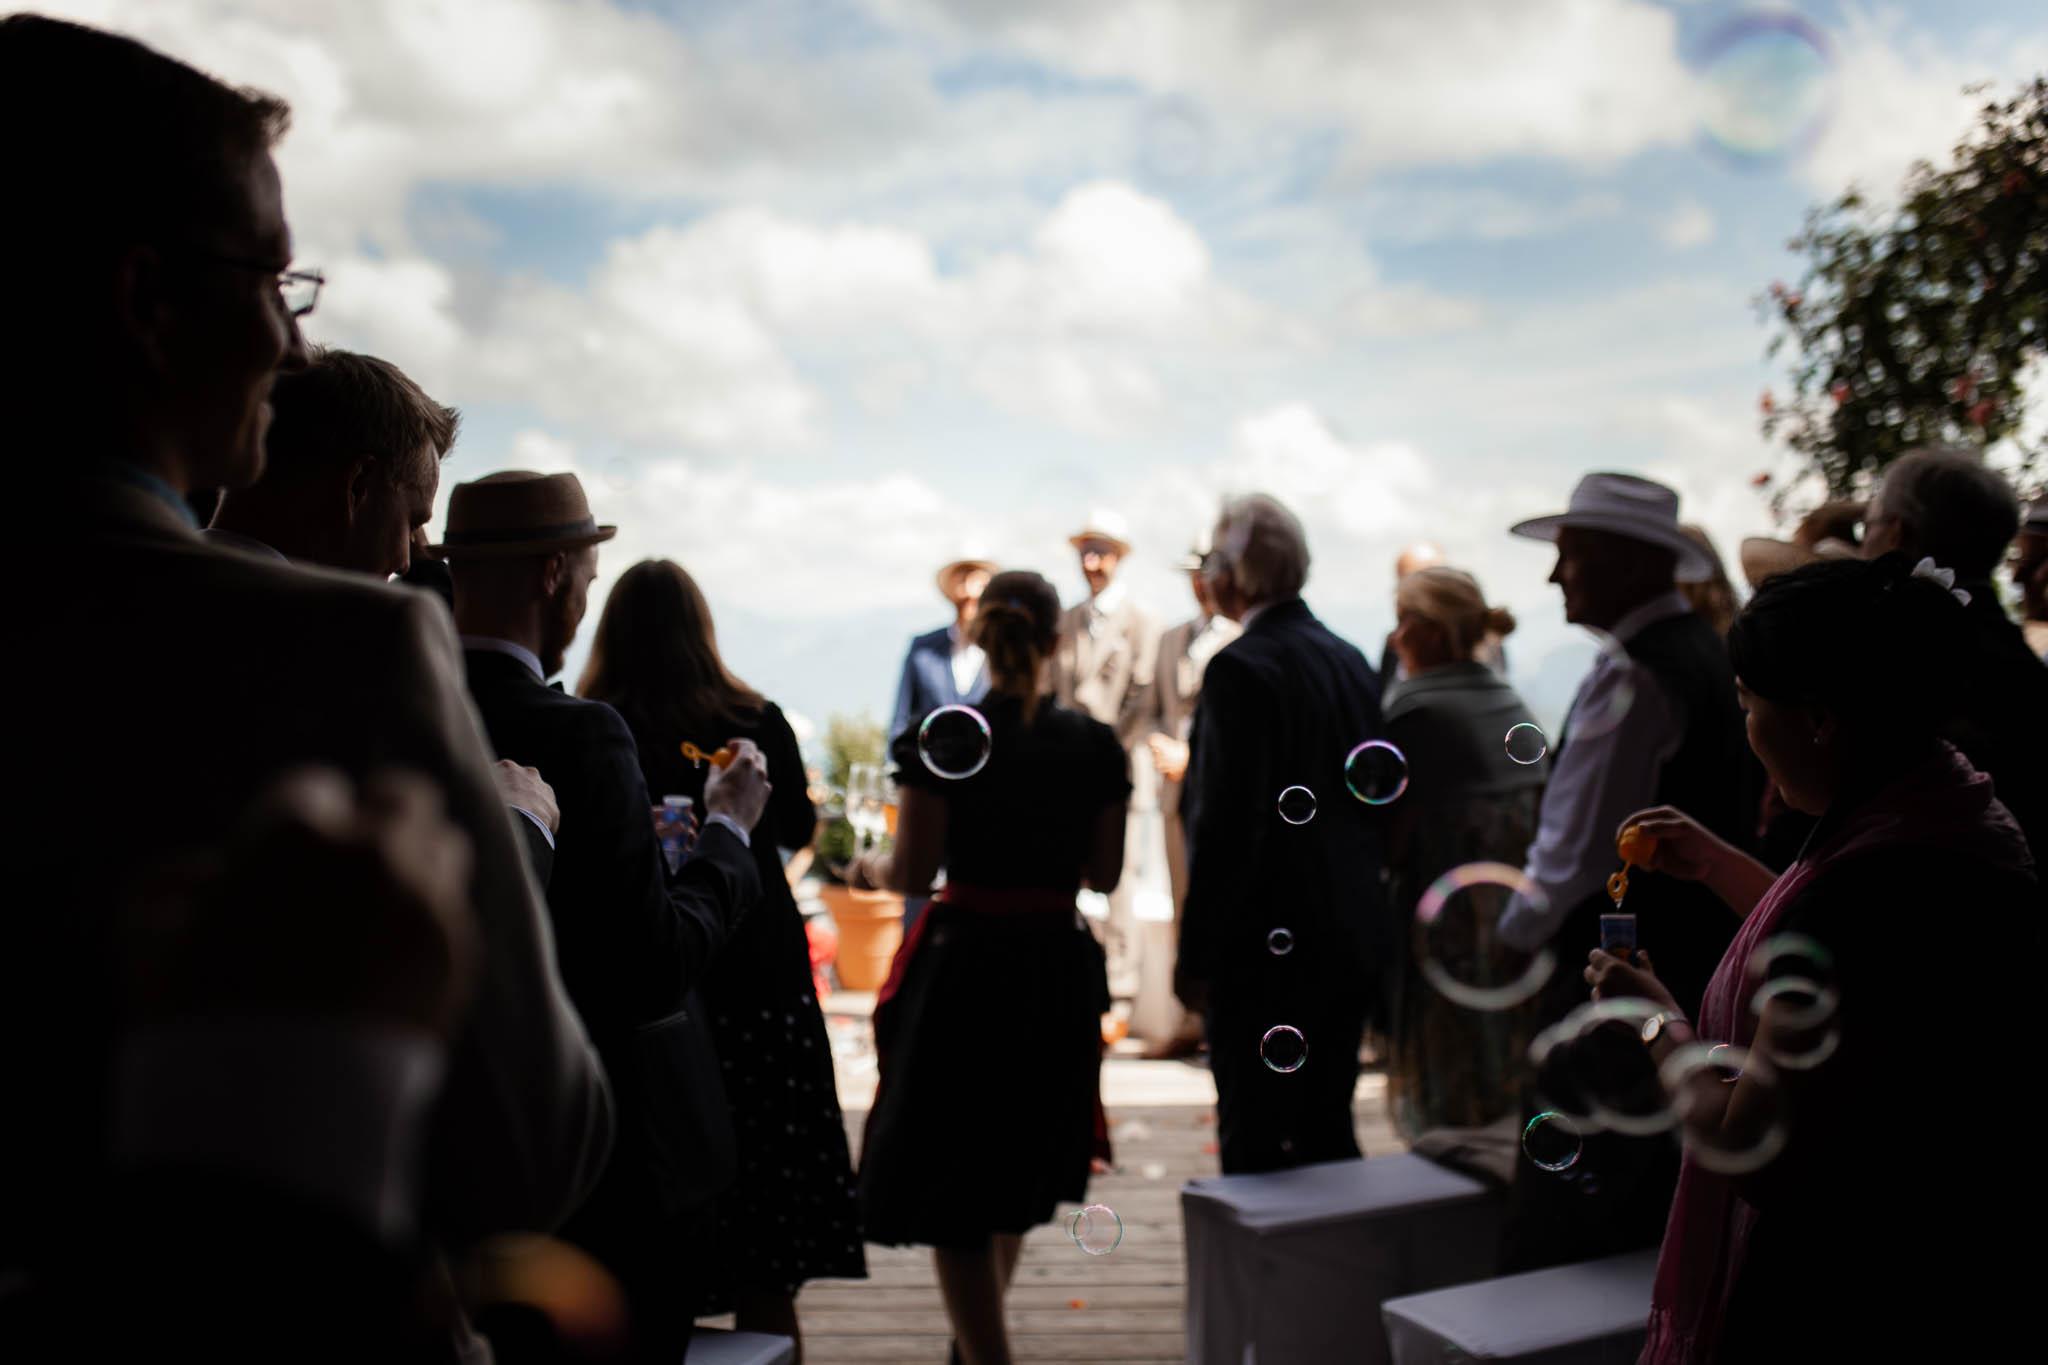 Hochzeitsfotograf Alpen, Chiemgau: freie Trauung von Dennis & Dirk 38